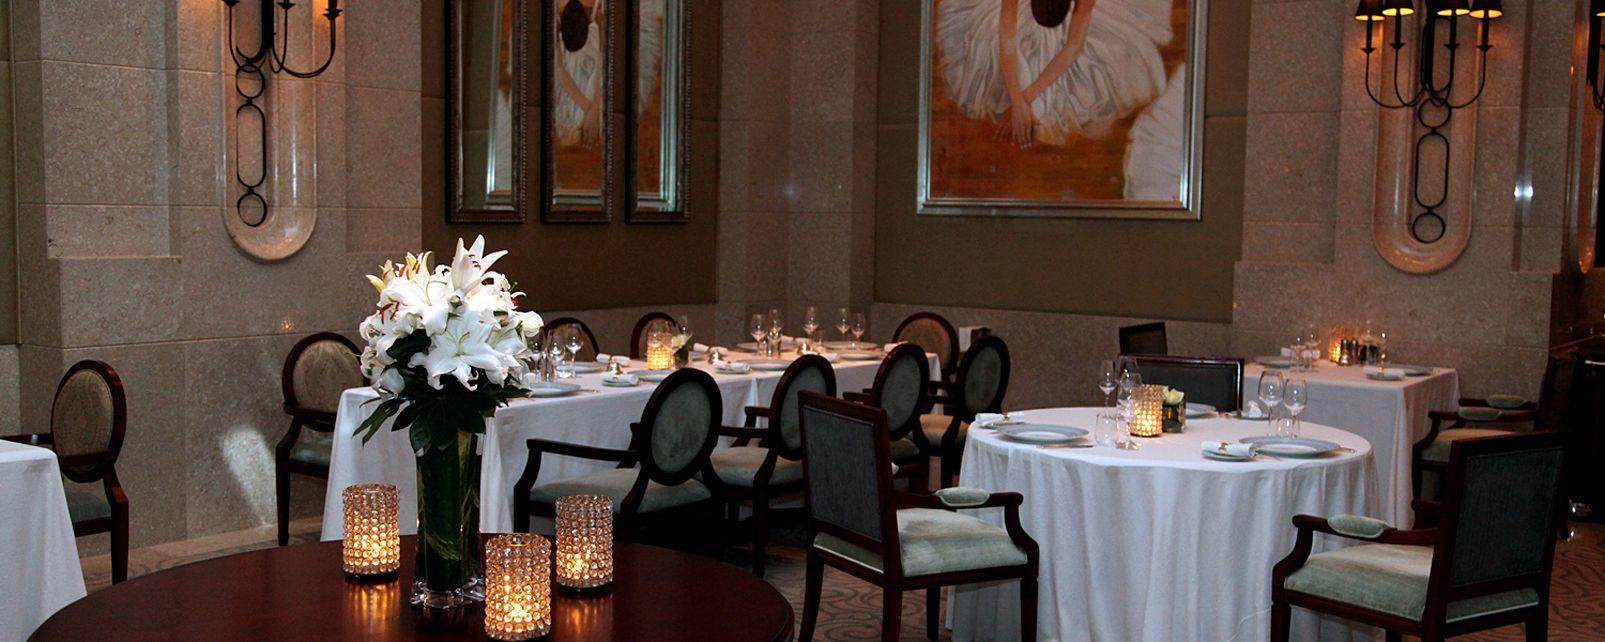 Hotel Shangri-La Hotel Qaryat Al Beri